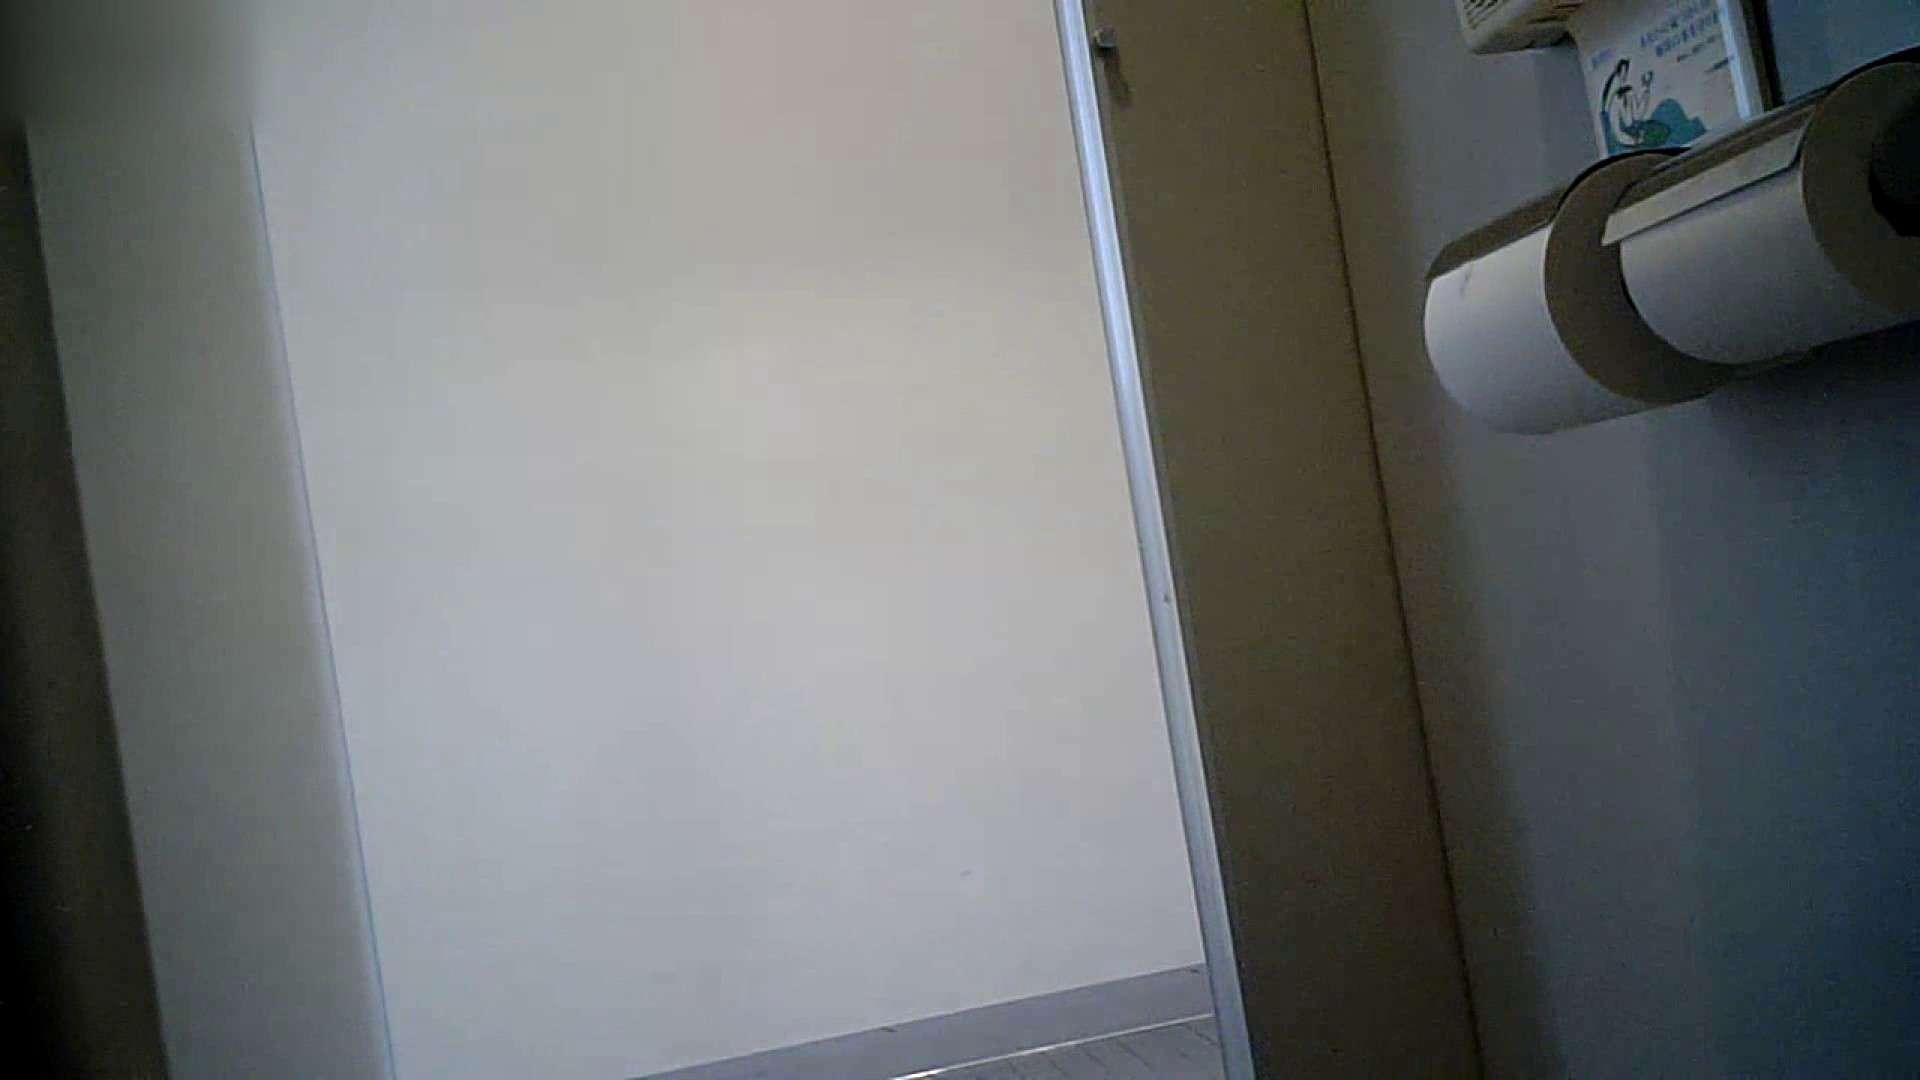 有名大学女性洗面所 vol.40 ??おまじない的な動きをする子がいます。 洗面所突入 | 潜入突撃  81pic 16